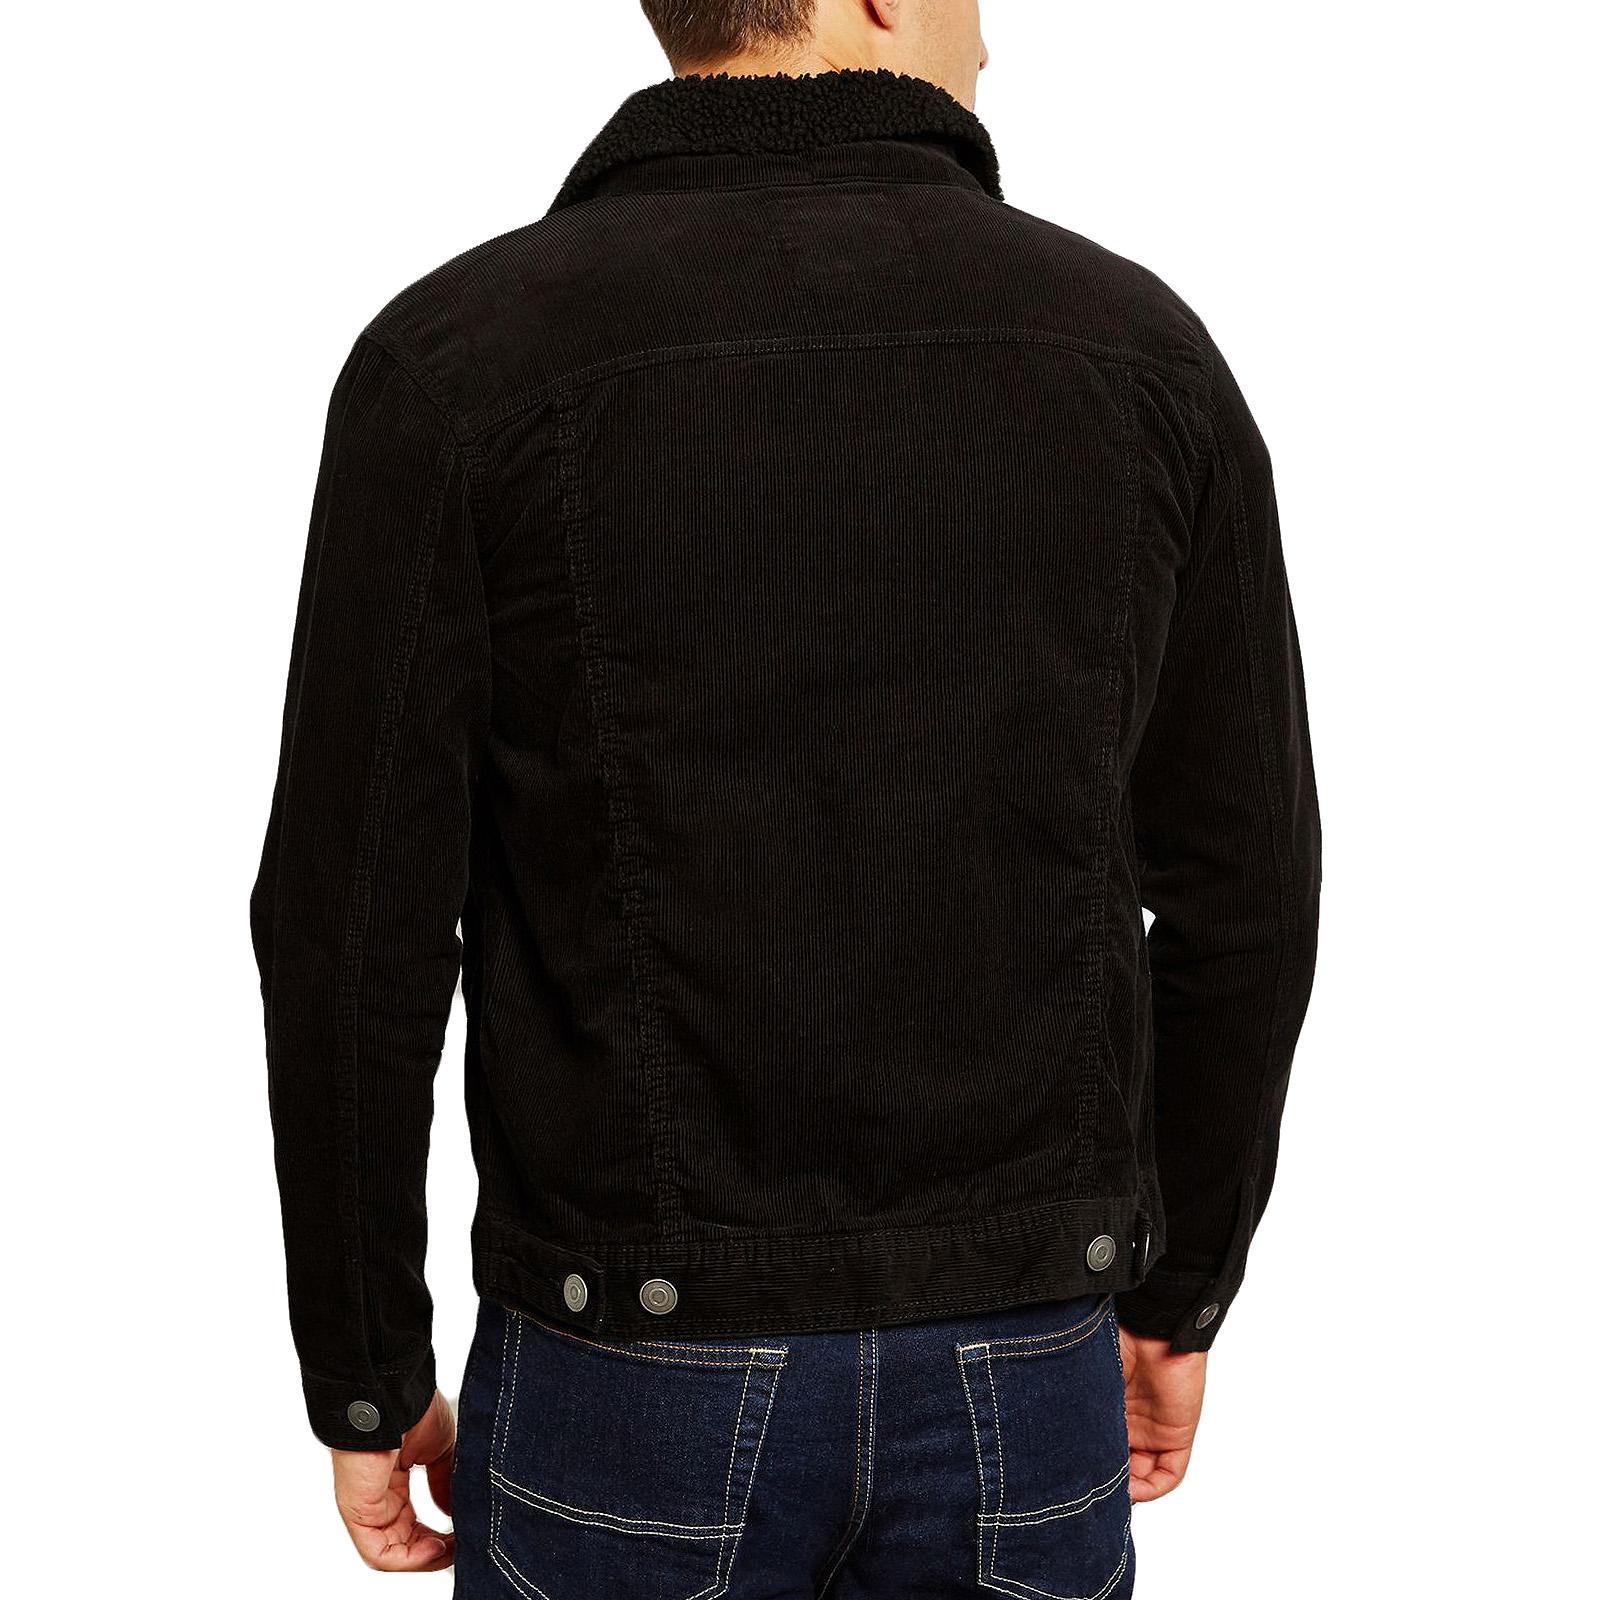 Brave-Soul-Homme-Prestwich-a-manches-longues-velours-boutonne-Casual-Demin-Veste-Manteau miniature 5